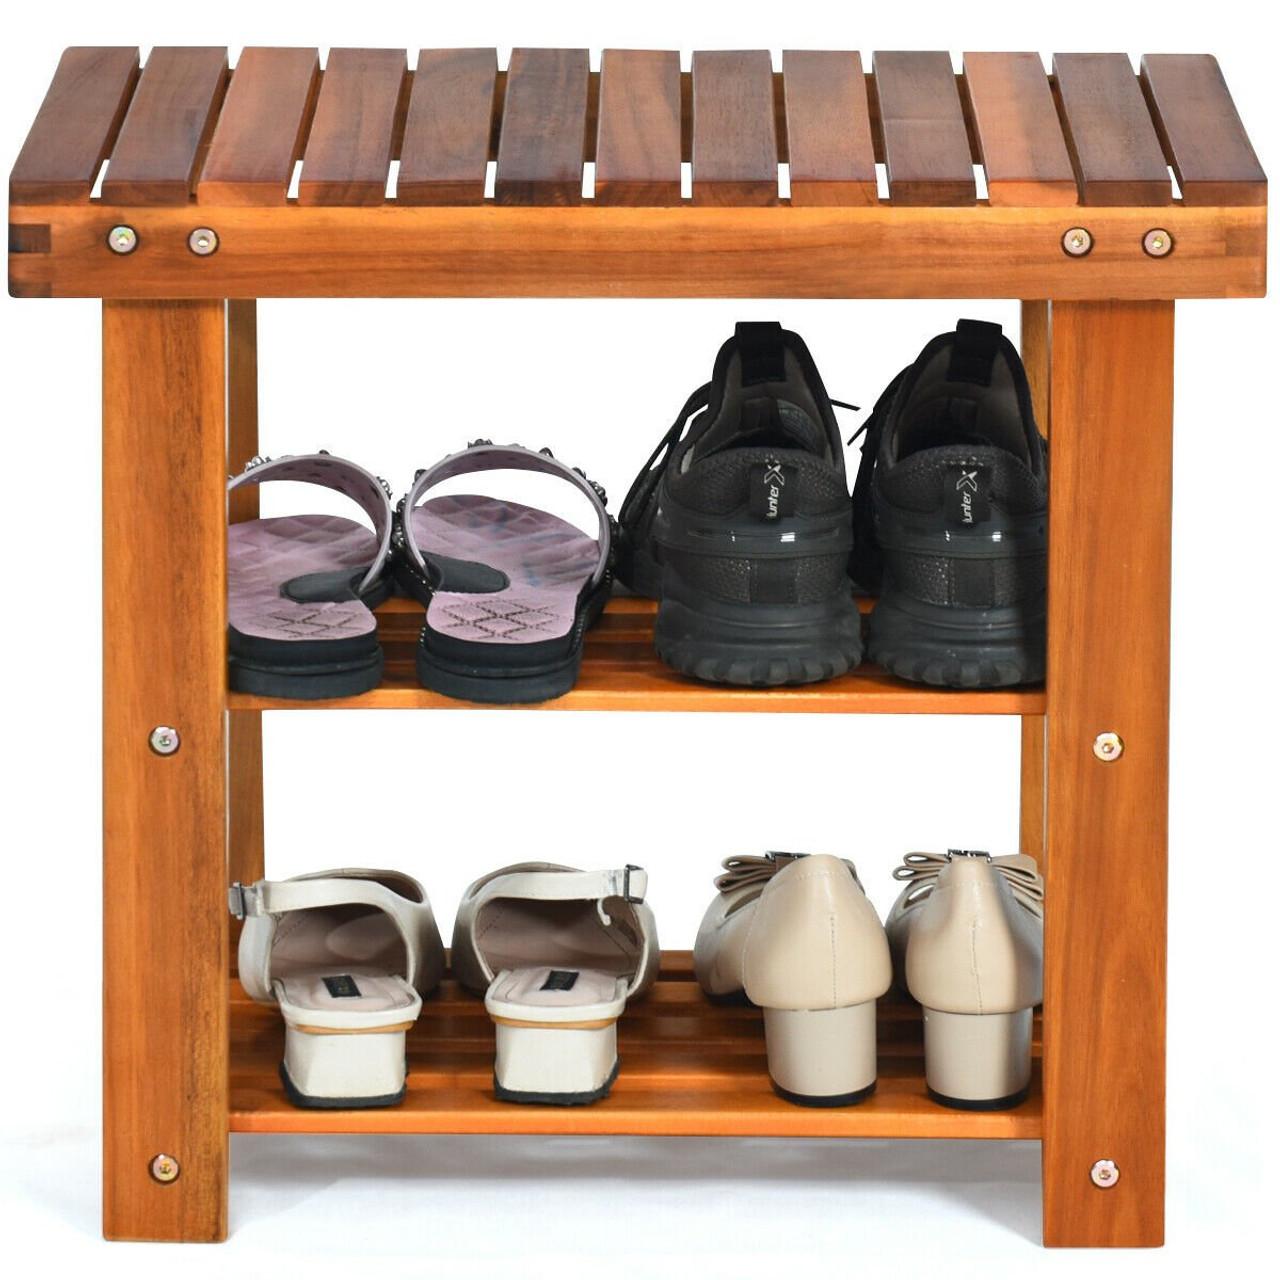 3-Tier Wood Shoe Rack 19' Shoe Bench